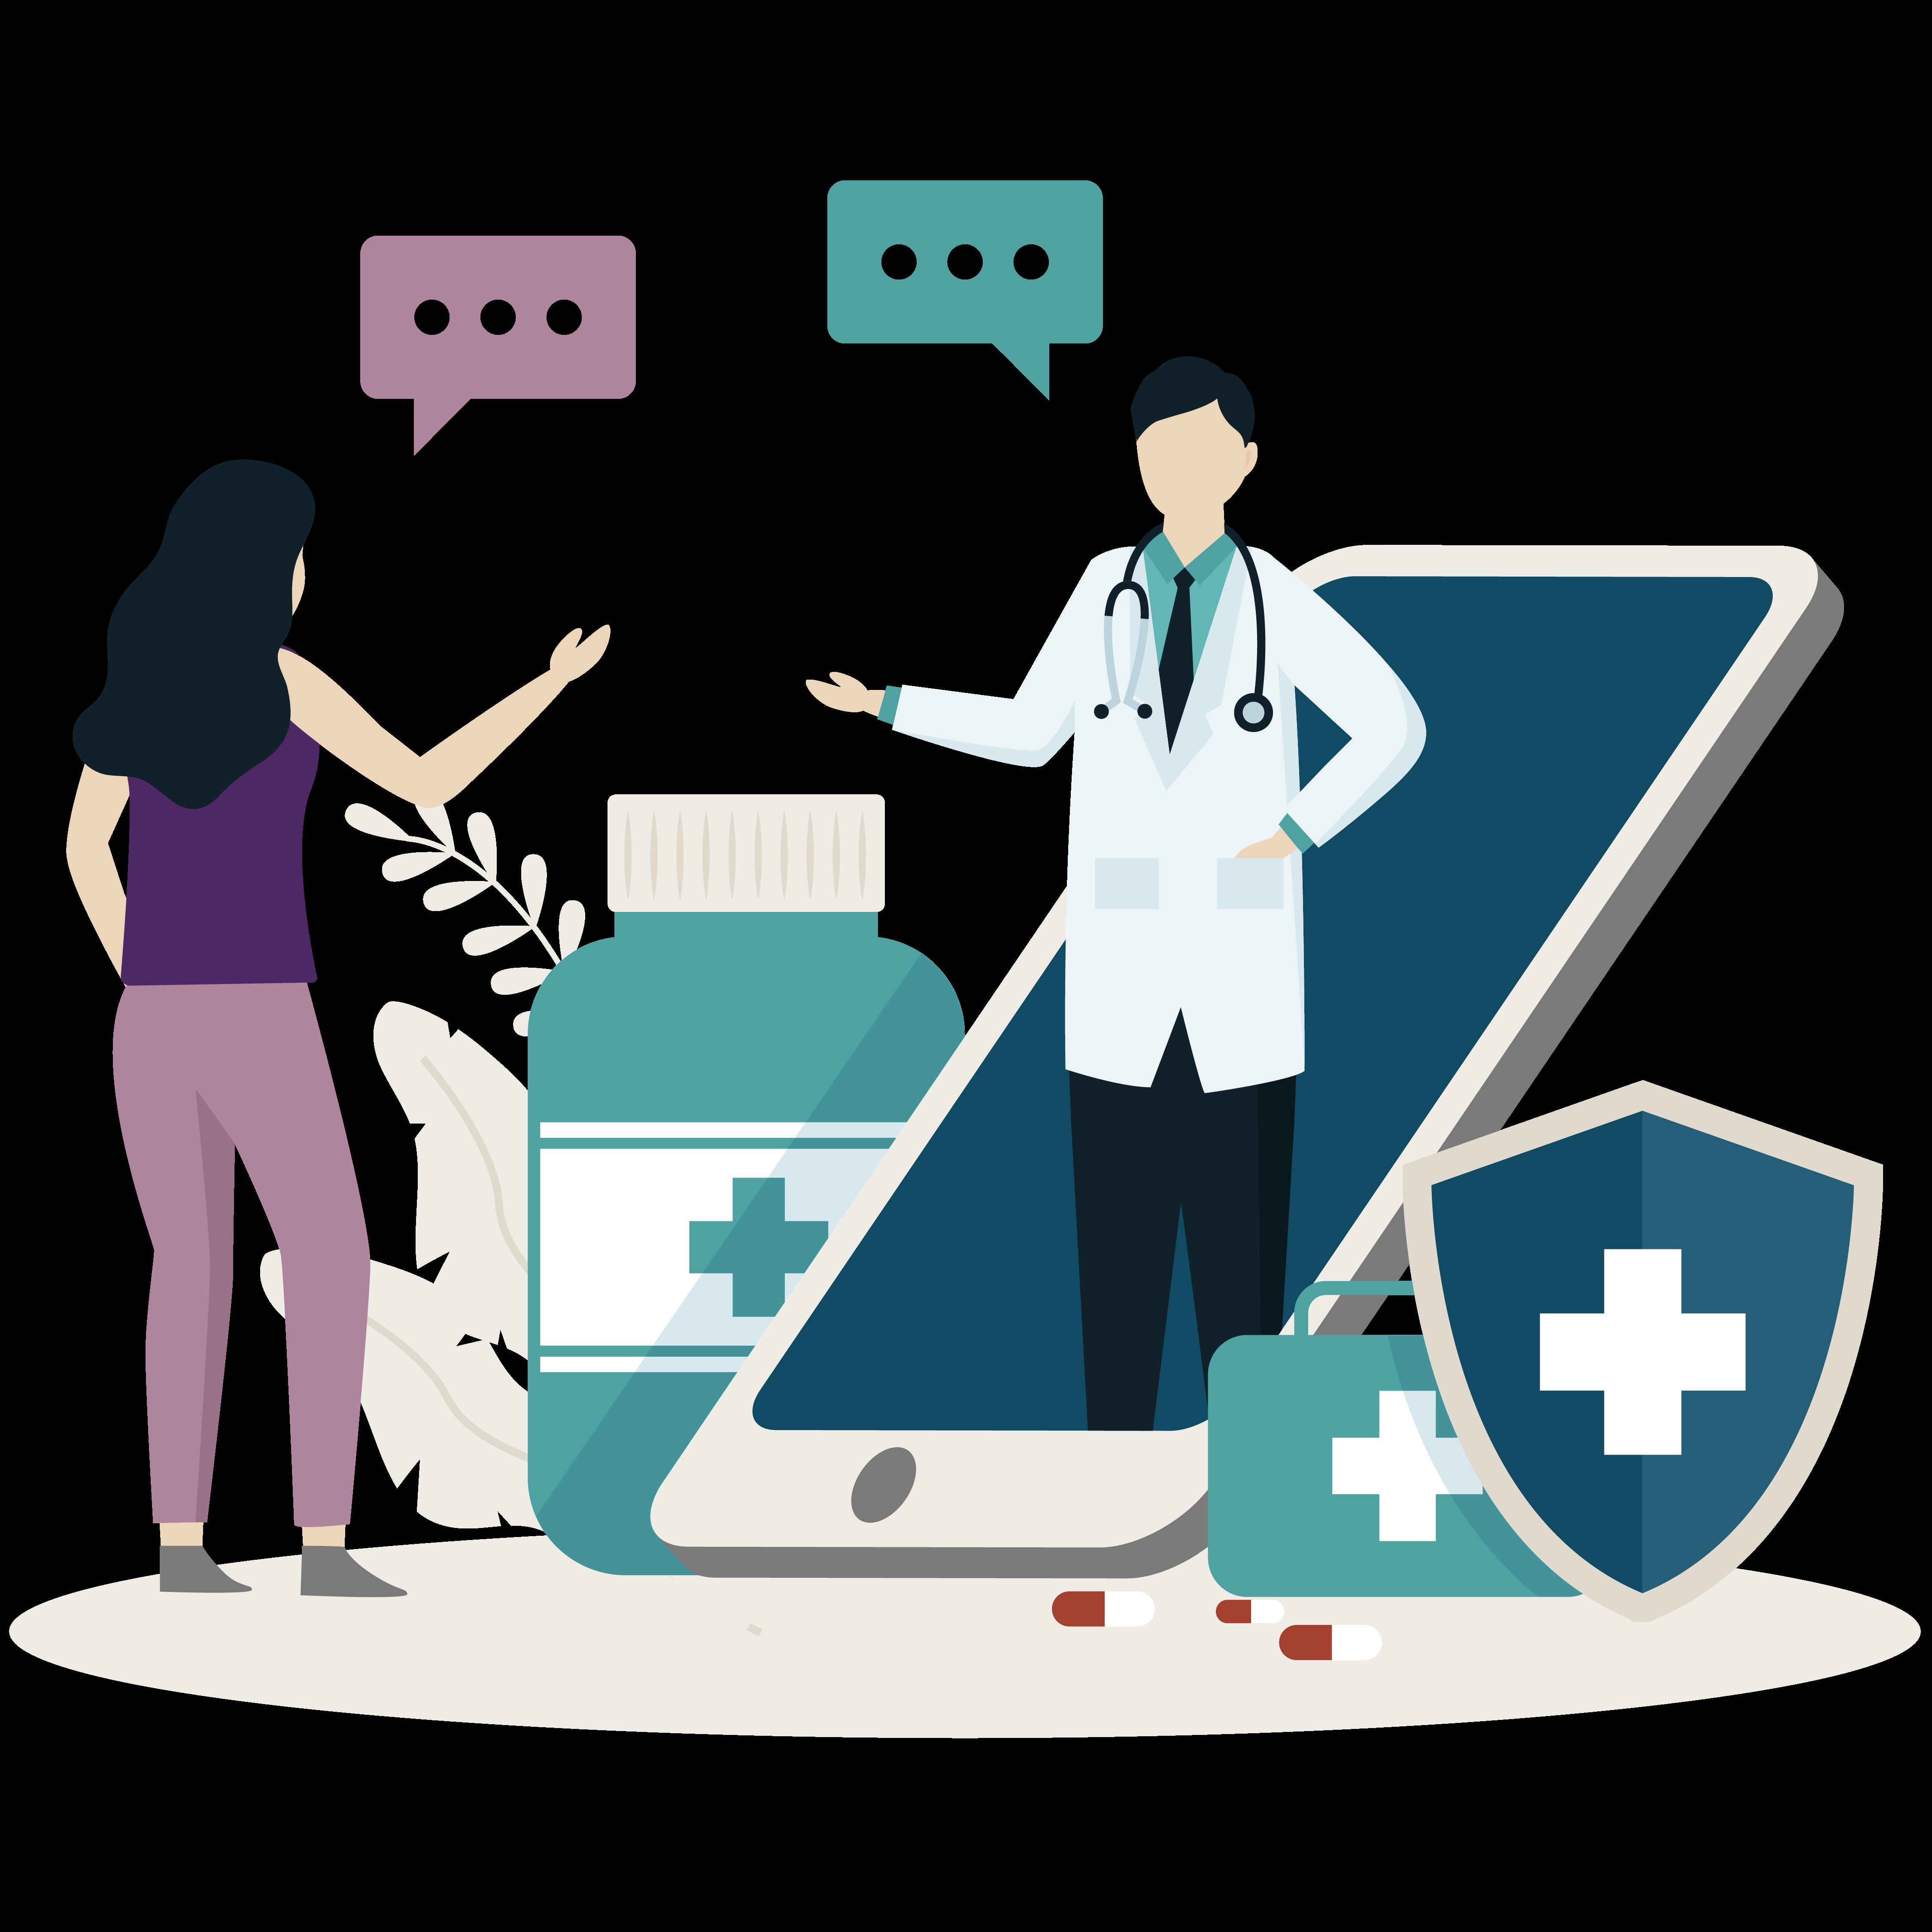 Healthcare-illu